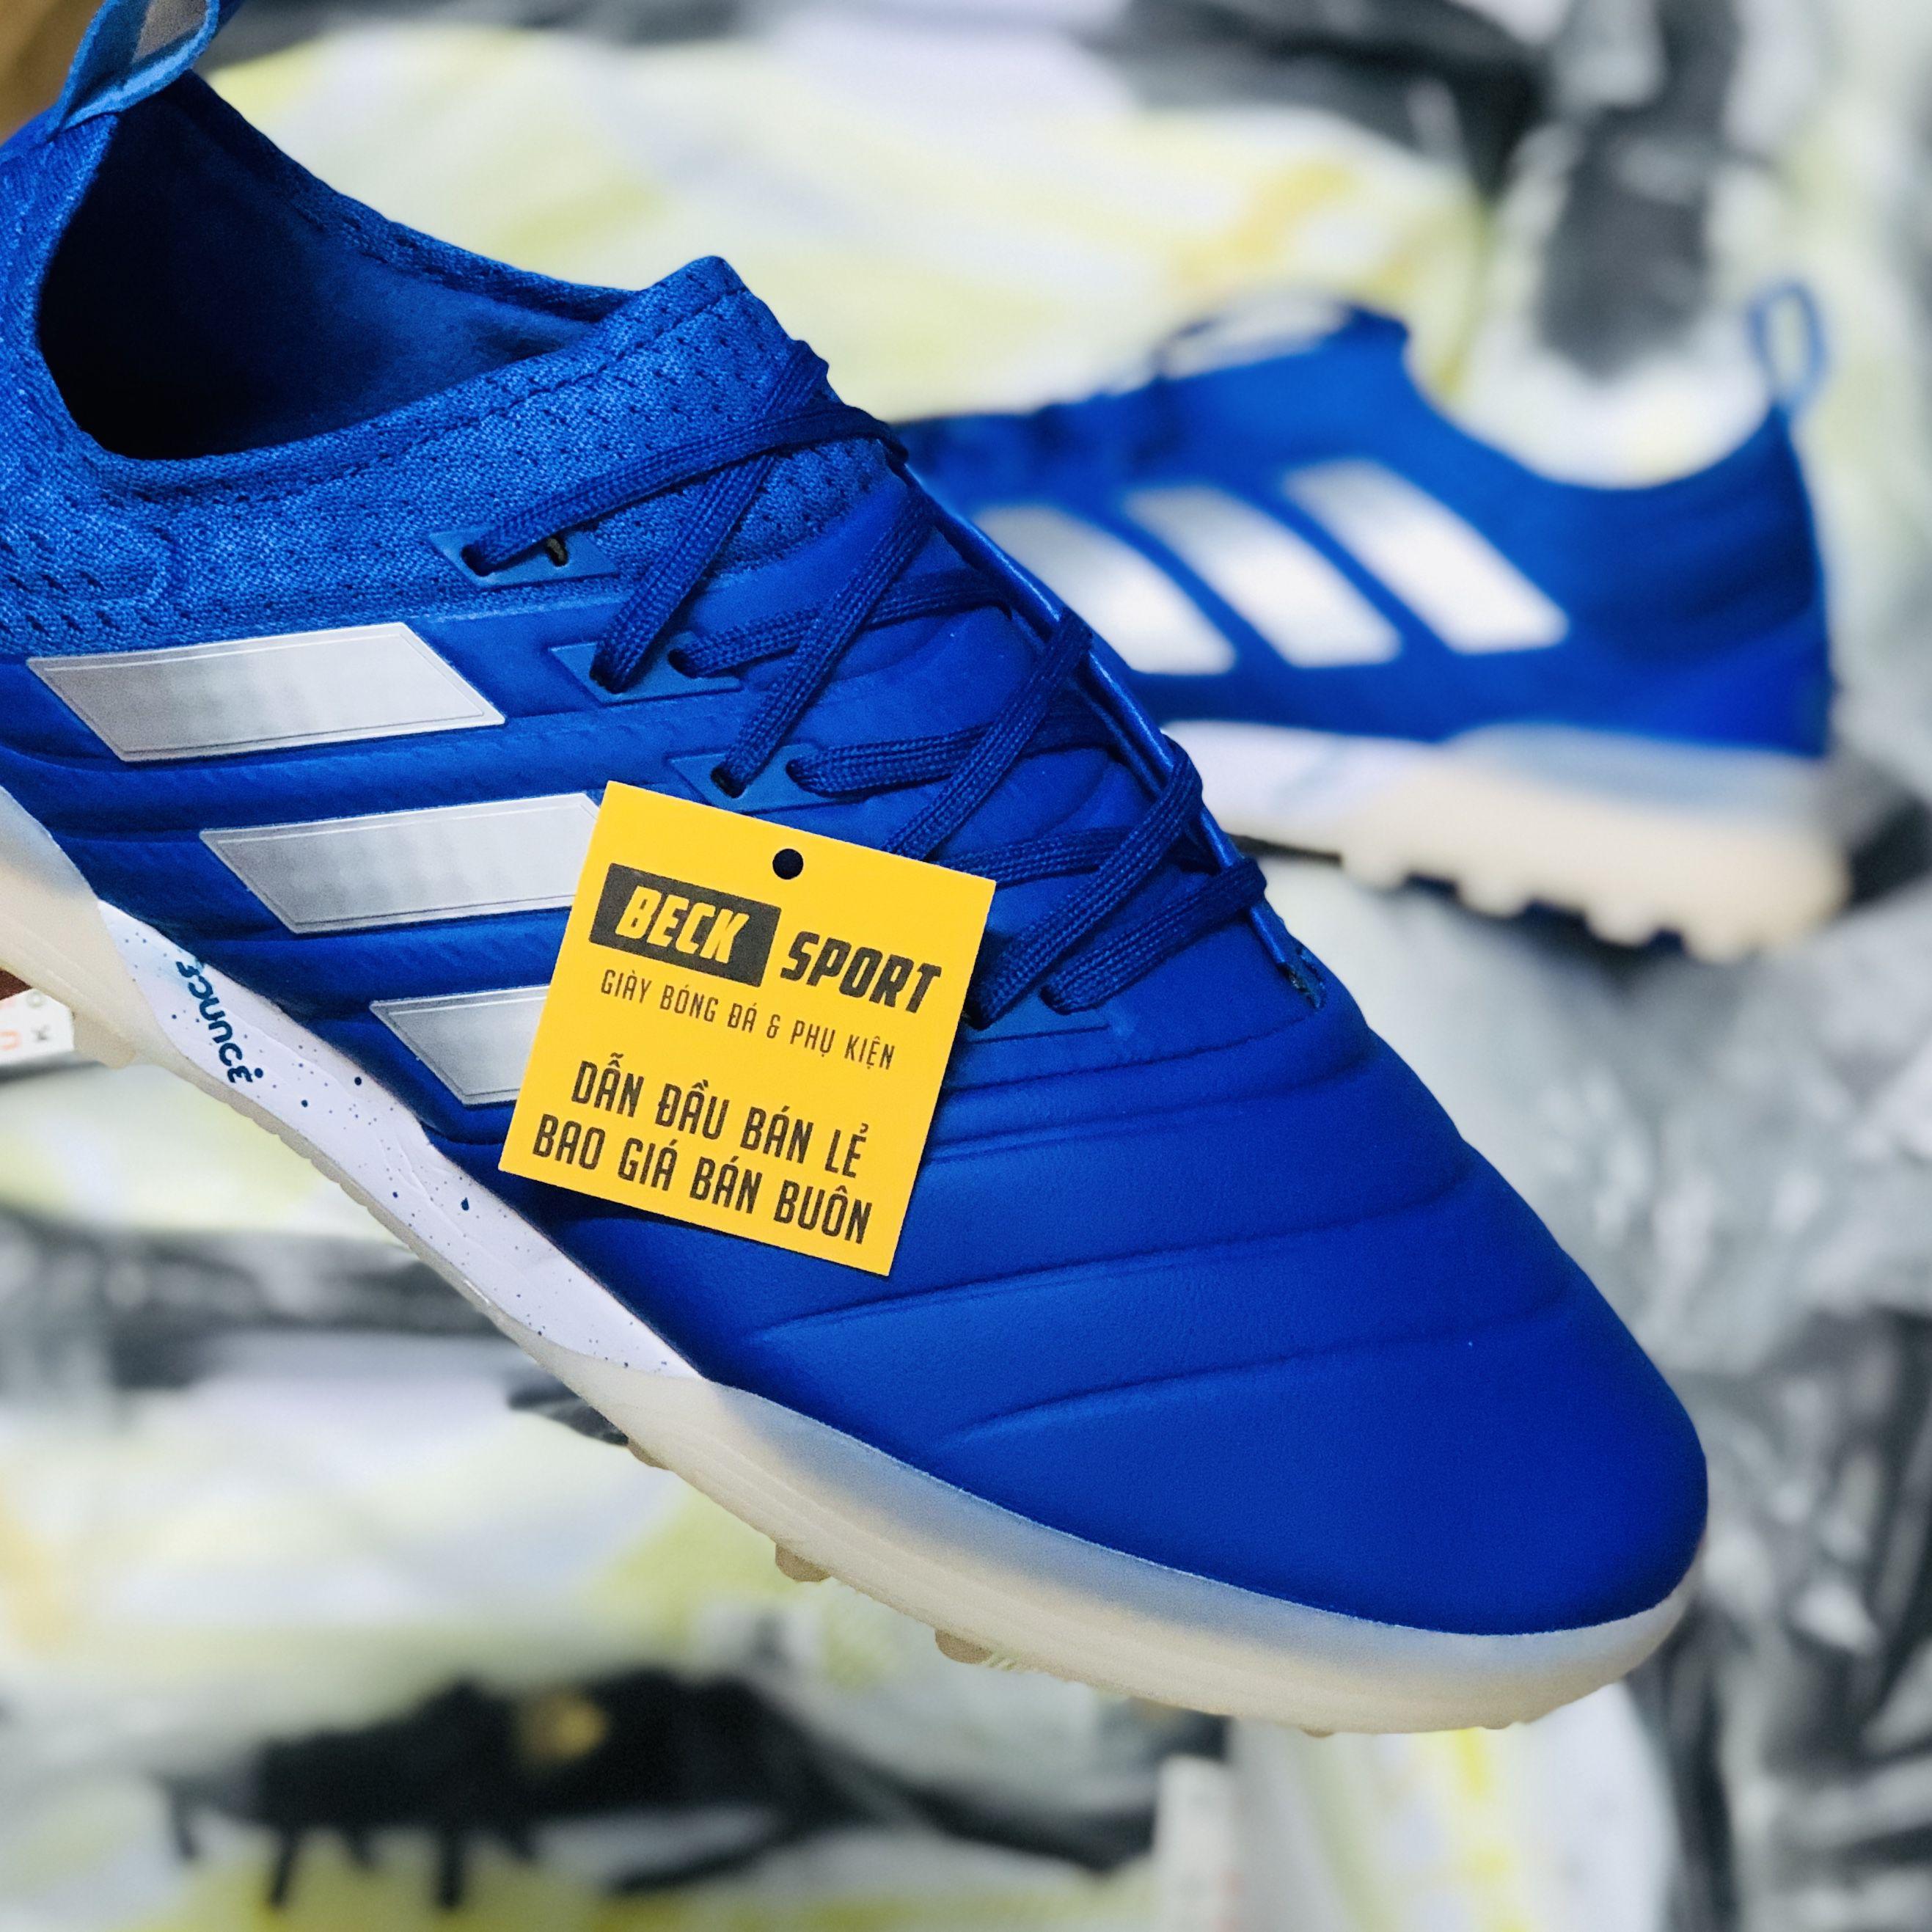 Giày Bóng Đá Adidas Copa 20.1 Xanh Biển Vạch Trắng TF